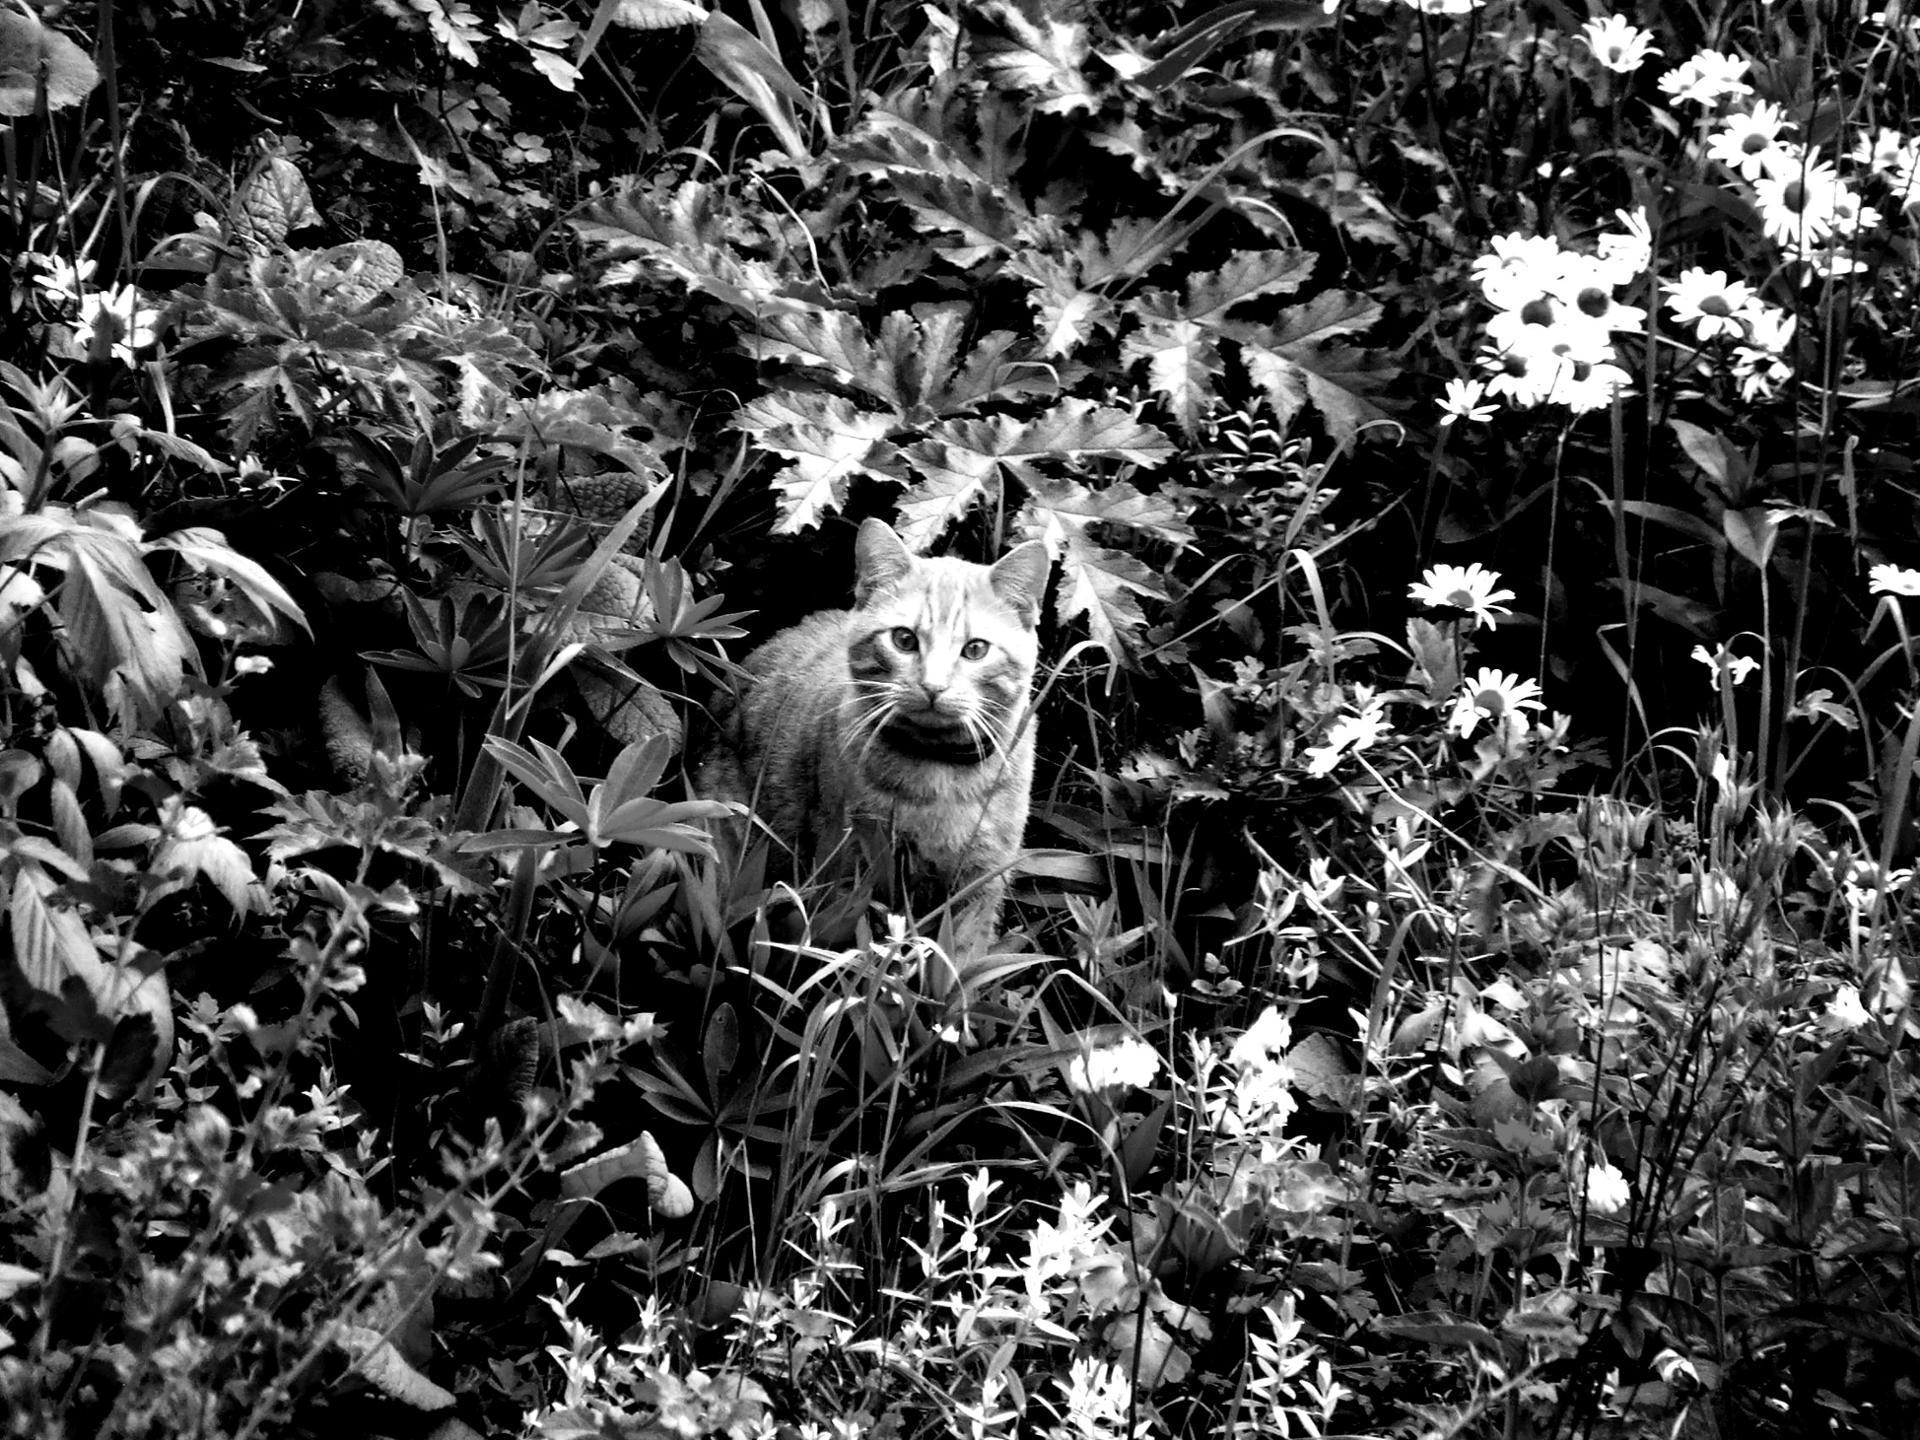 """"""" Les chats apaisent l'âme. Un chat n'a aucun souci, parce qu'il pense de manière intuitive. """" Pal Gerhard Olsen"""